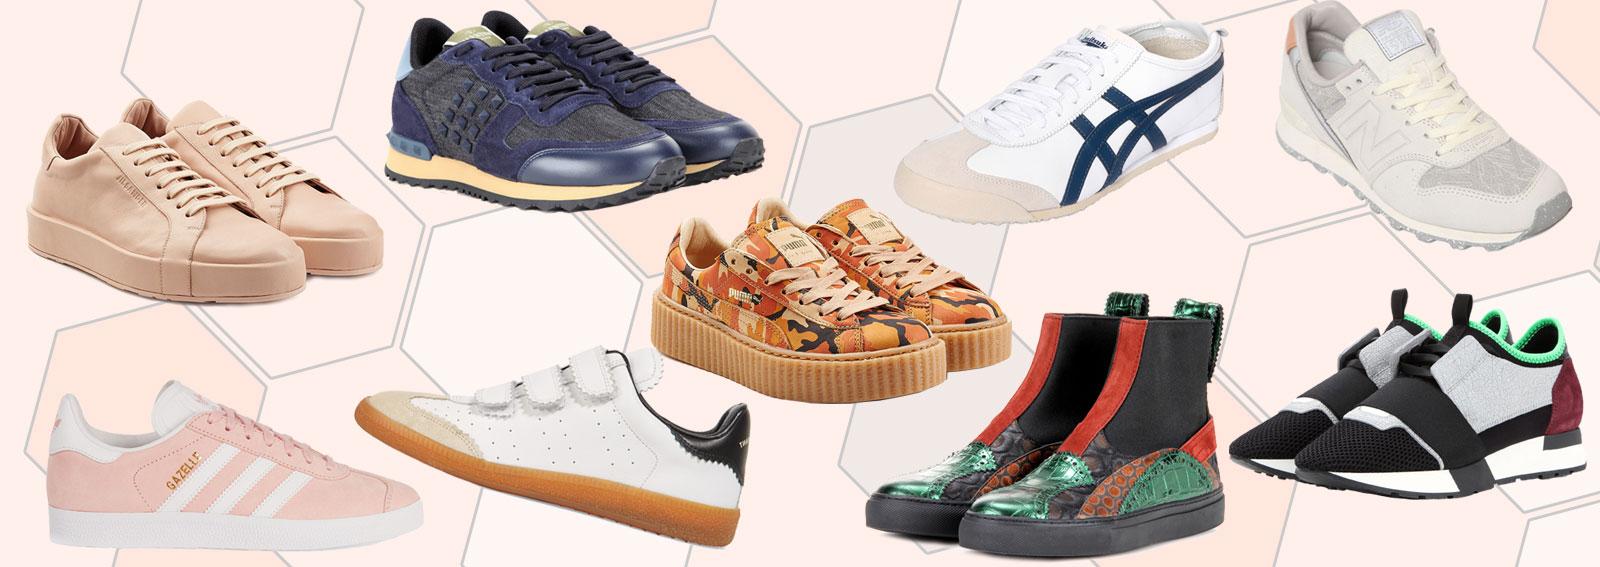 COVER_sneakers_DESKTOP